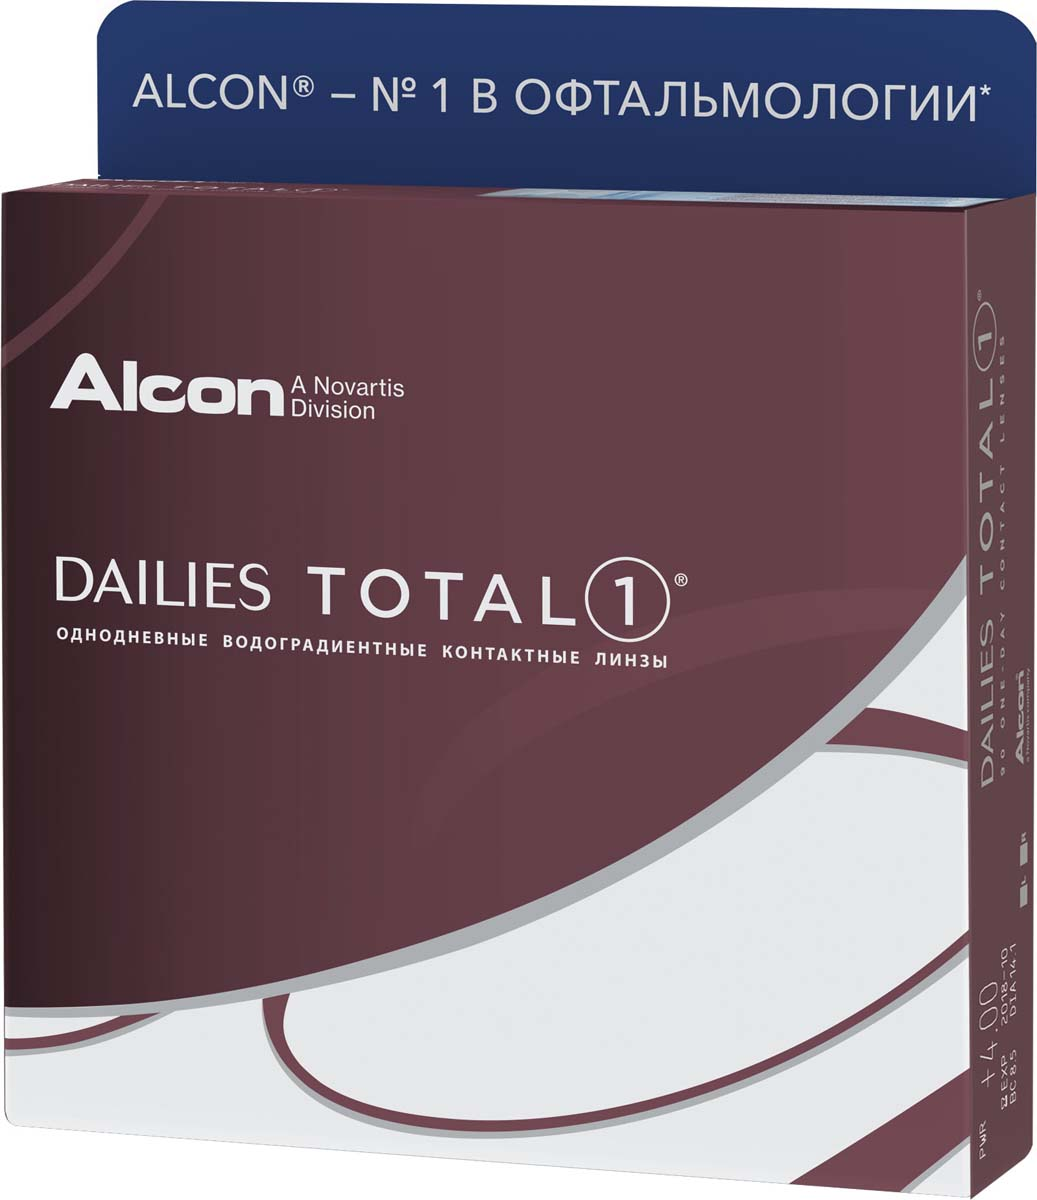 Аlcon Контактные линзы Dailies Total 90 шт /+3.25 /8.5 /14.1